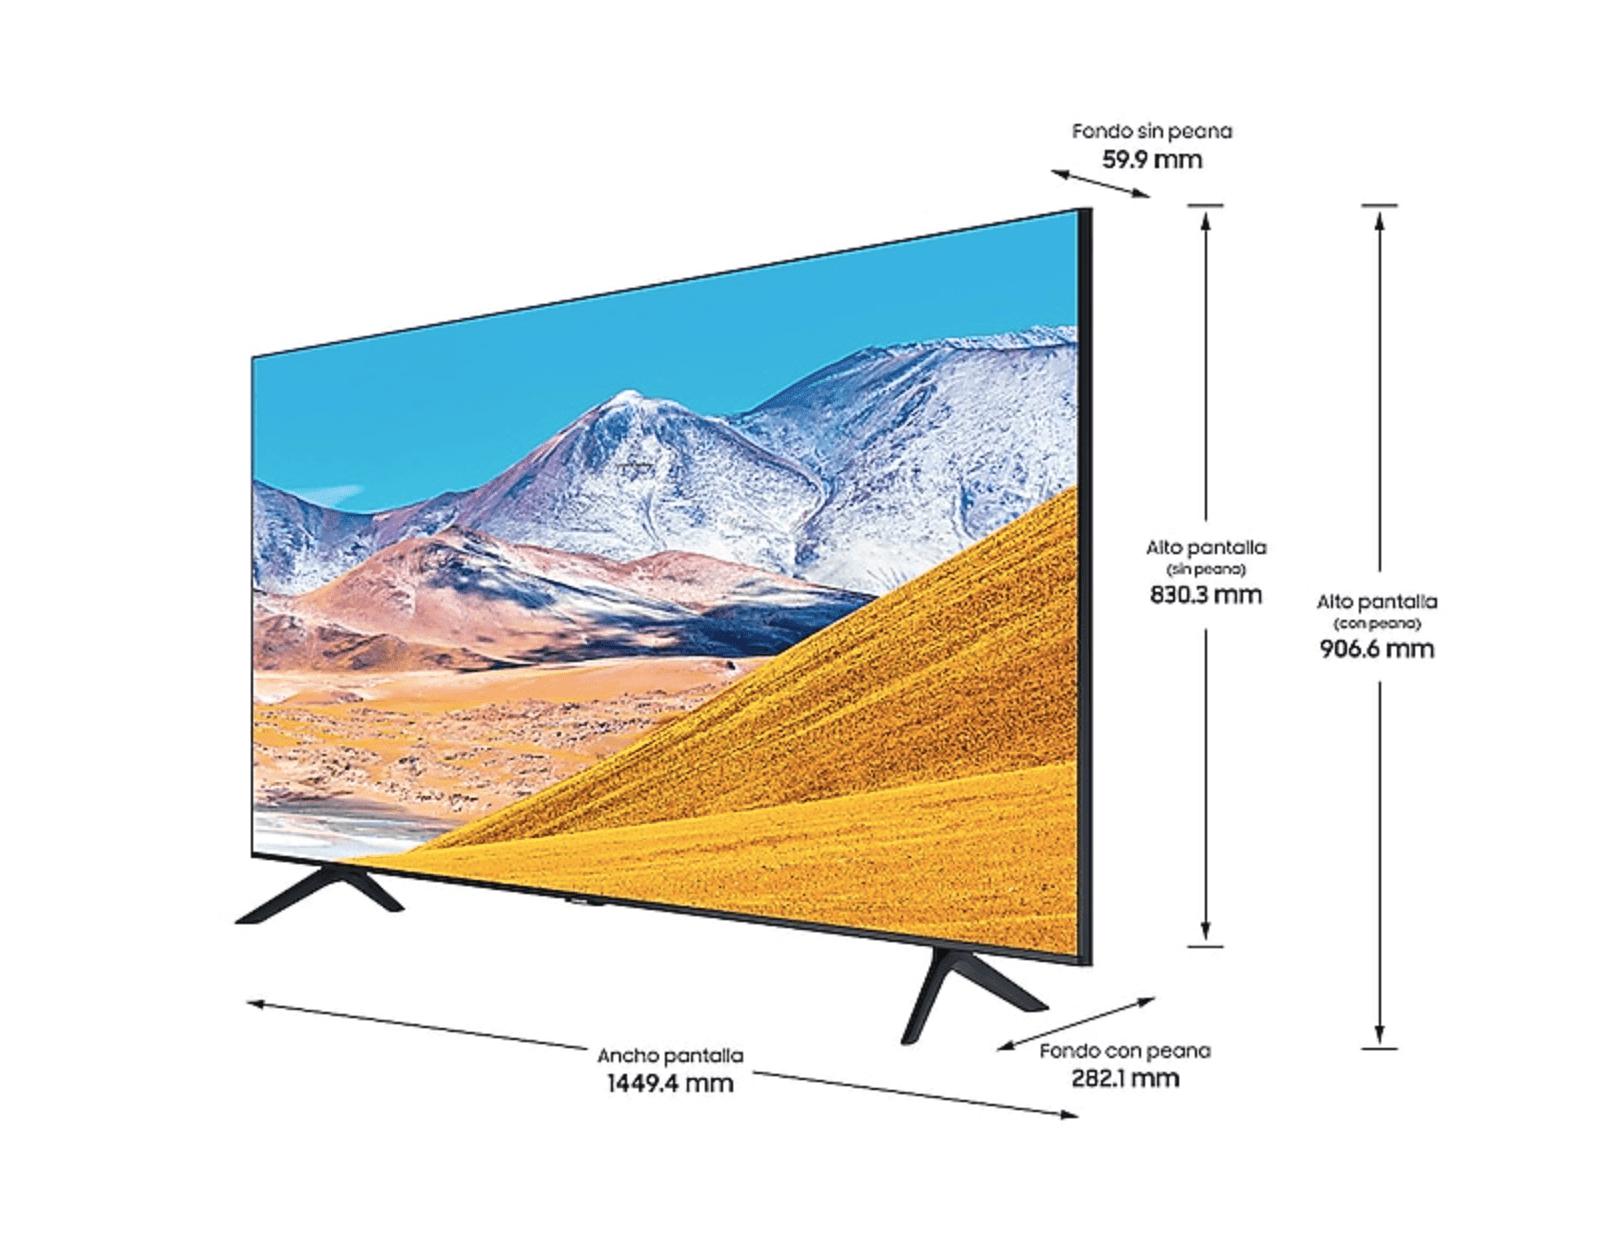 """Dimensiones de la TV Samsung UE43TU8005 43"""" Crystal UHD 4K"""